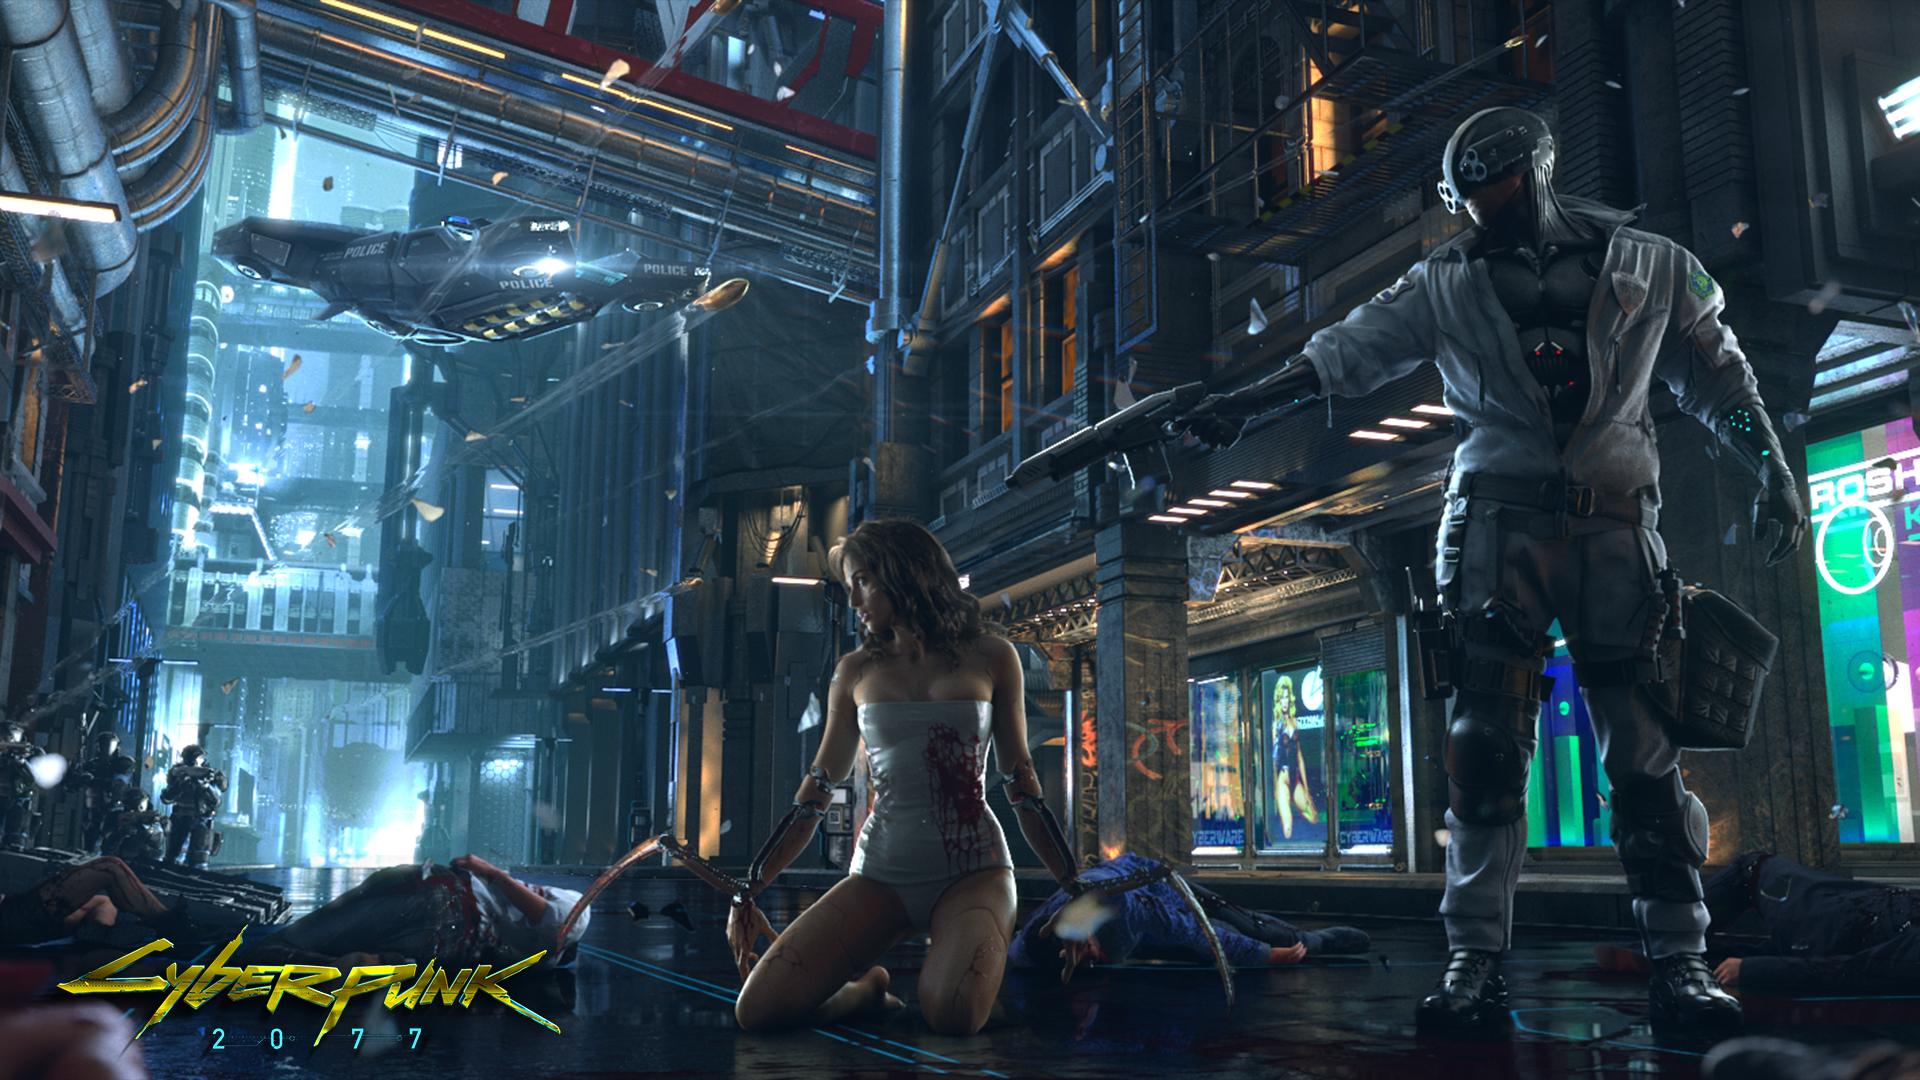 Cyberpunk 2077: Keine Erscheinung vor 2017